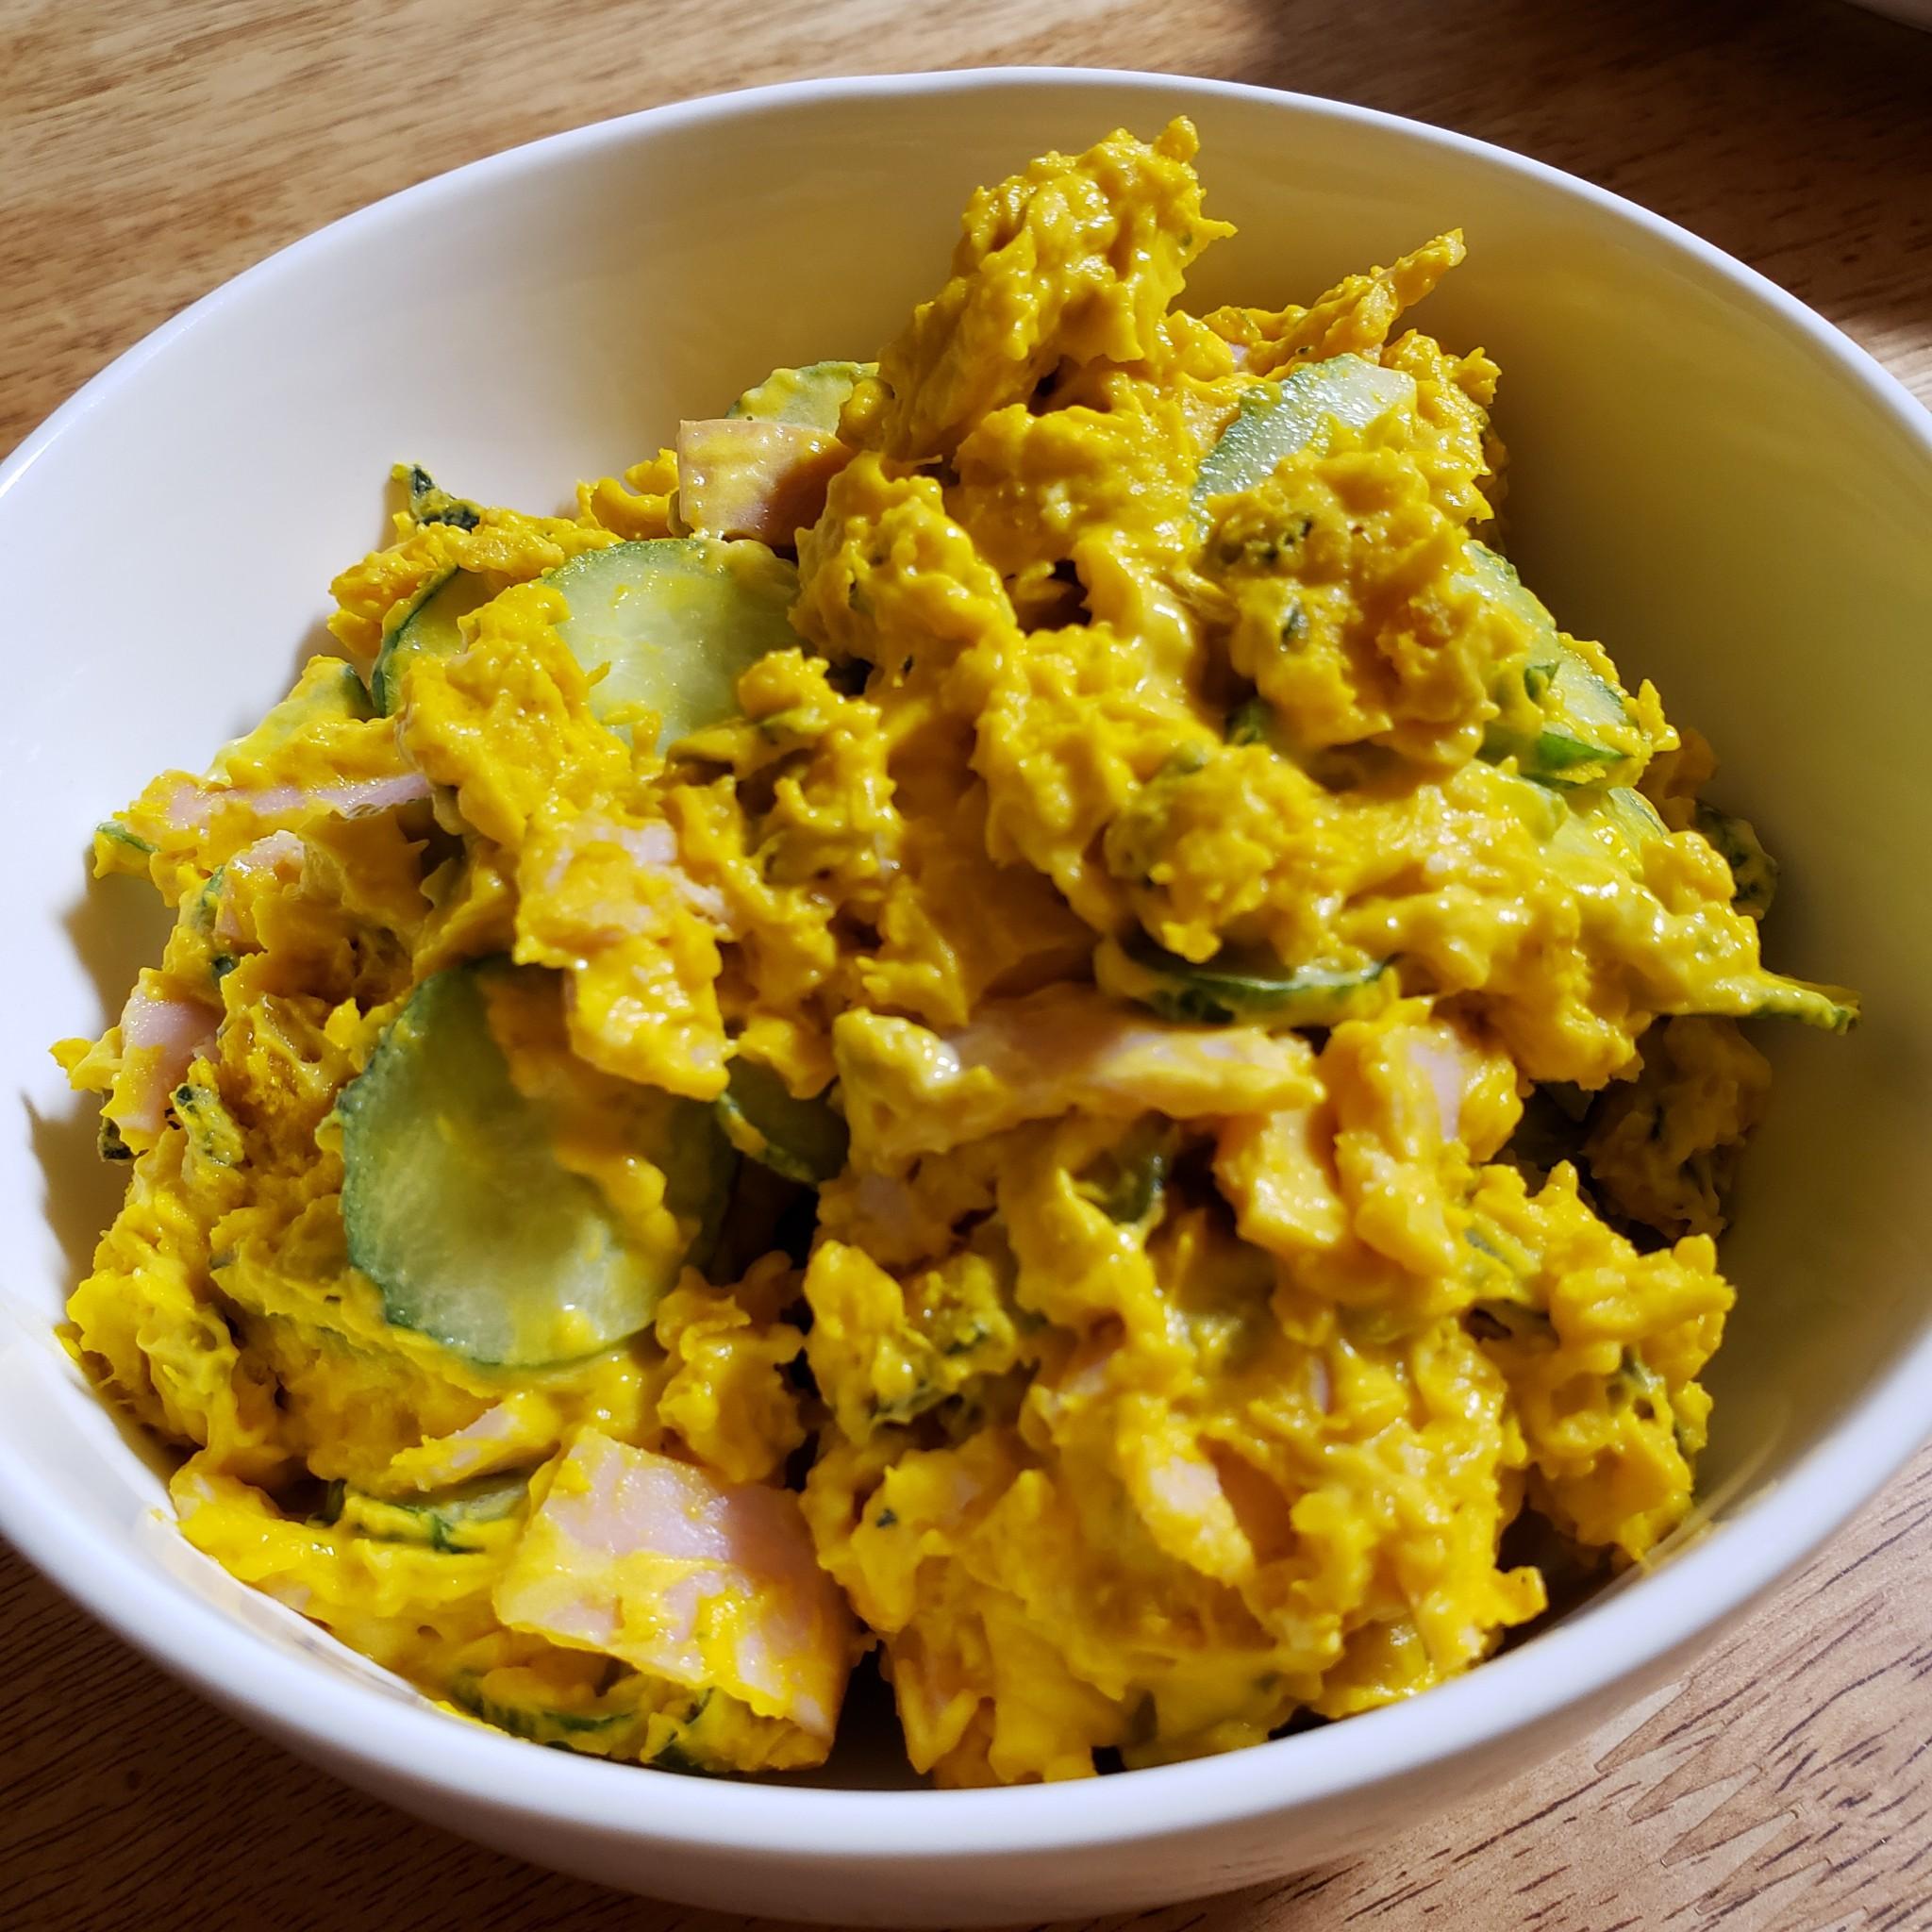 サラダ レンジ かぼちゃ レンジで簡単かぼちゃサラダ レシピ・作り方